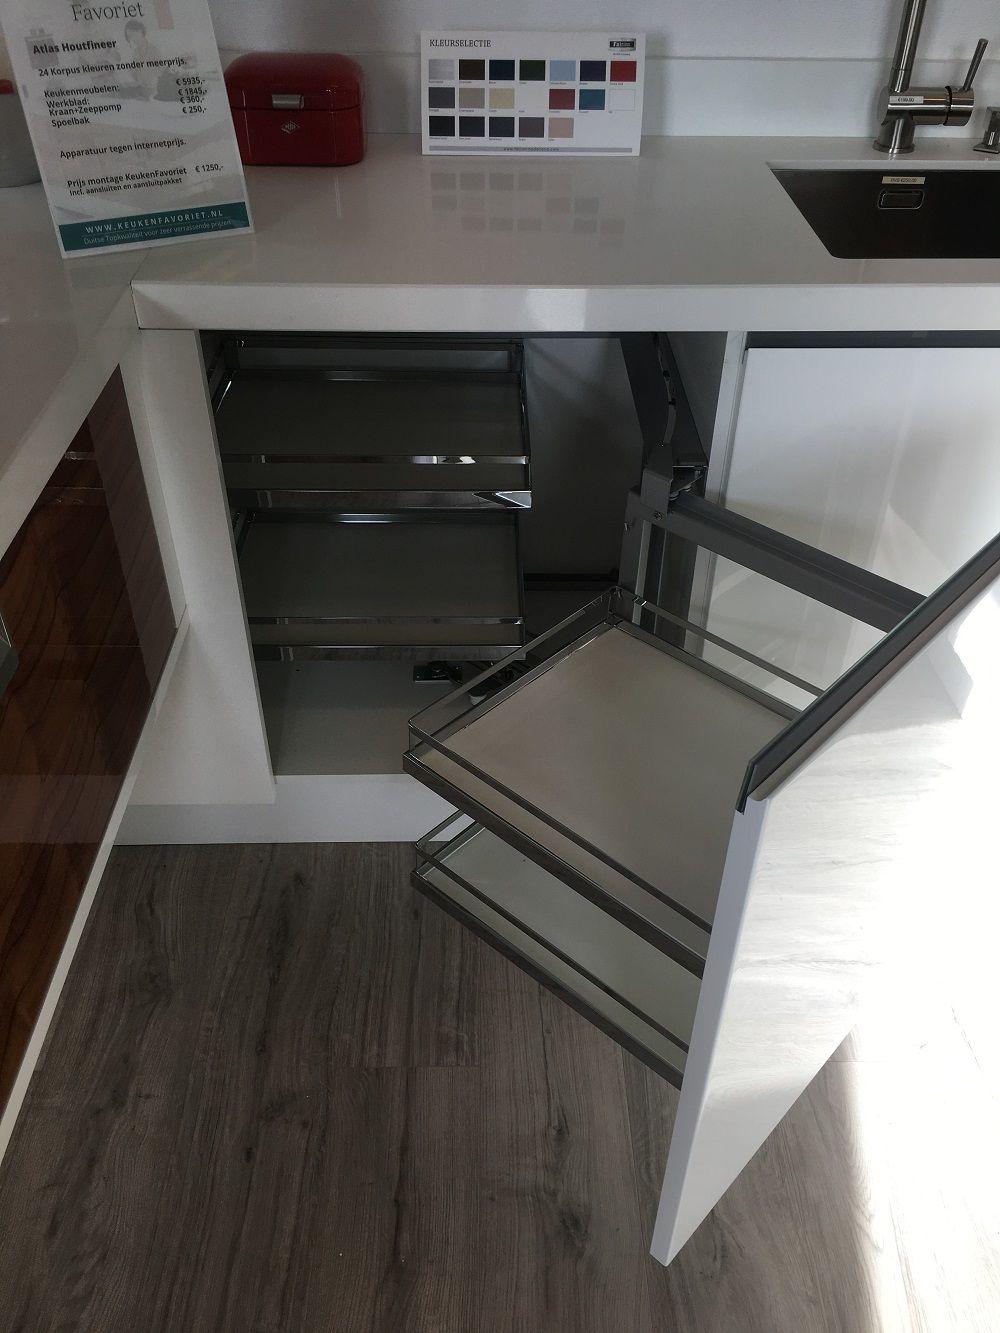 Alle showroomkeuken aanbiedingen uit nederland keukens voor zeer lage - Ruimte model kamer houten ...